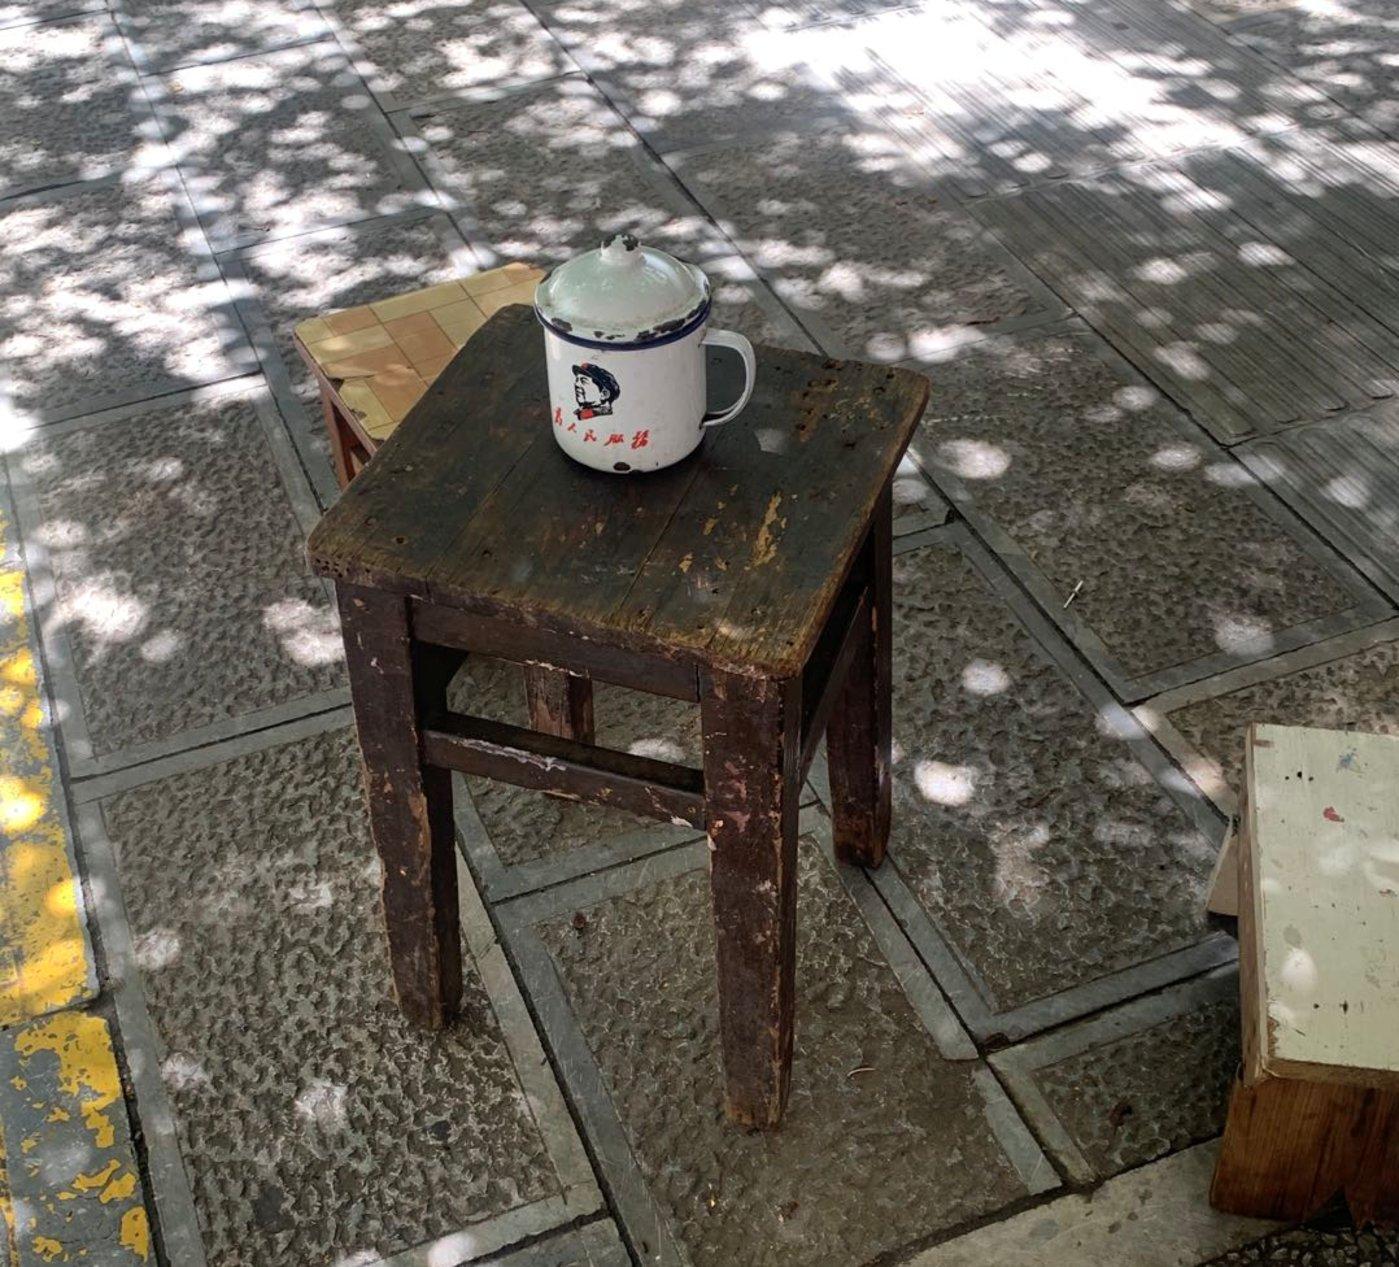 个旧大爷的湖边休闲,一个搪瓷缸,一壶茶,简单而温馨,图片来源:多菲 摄